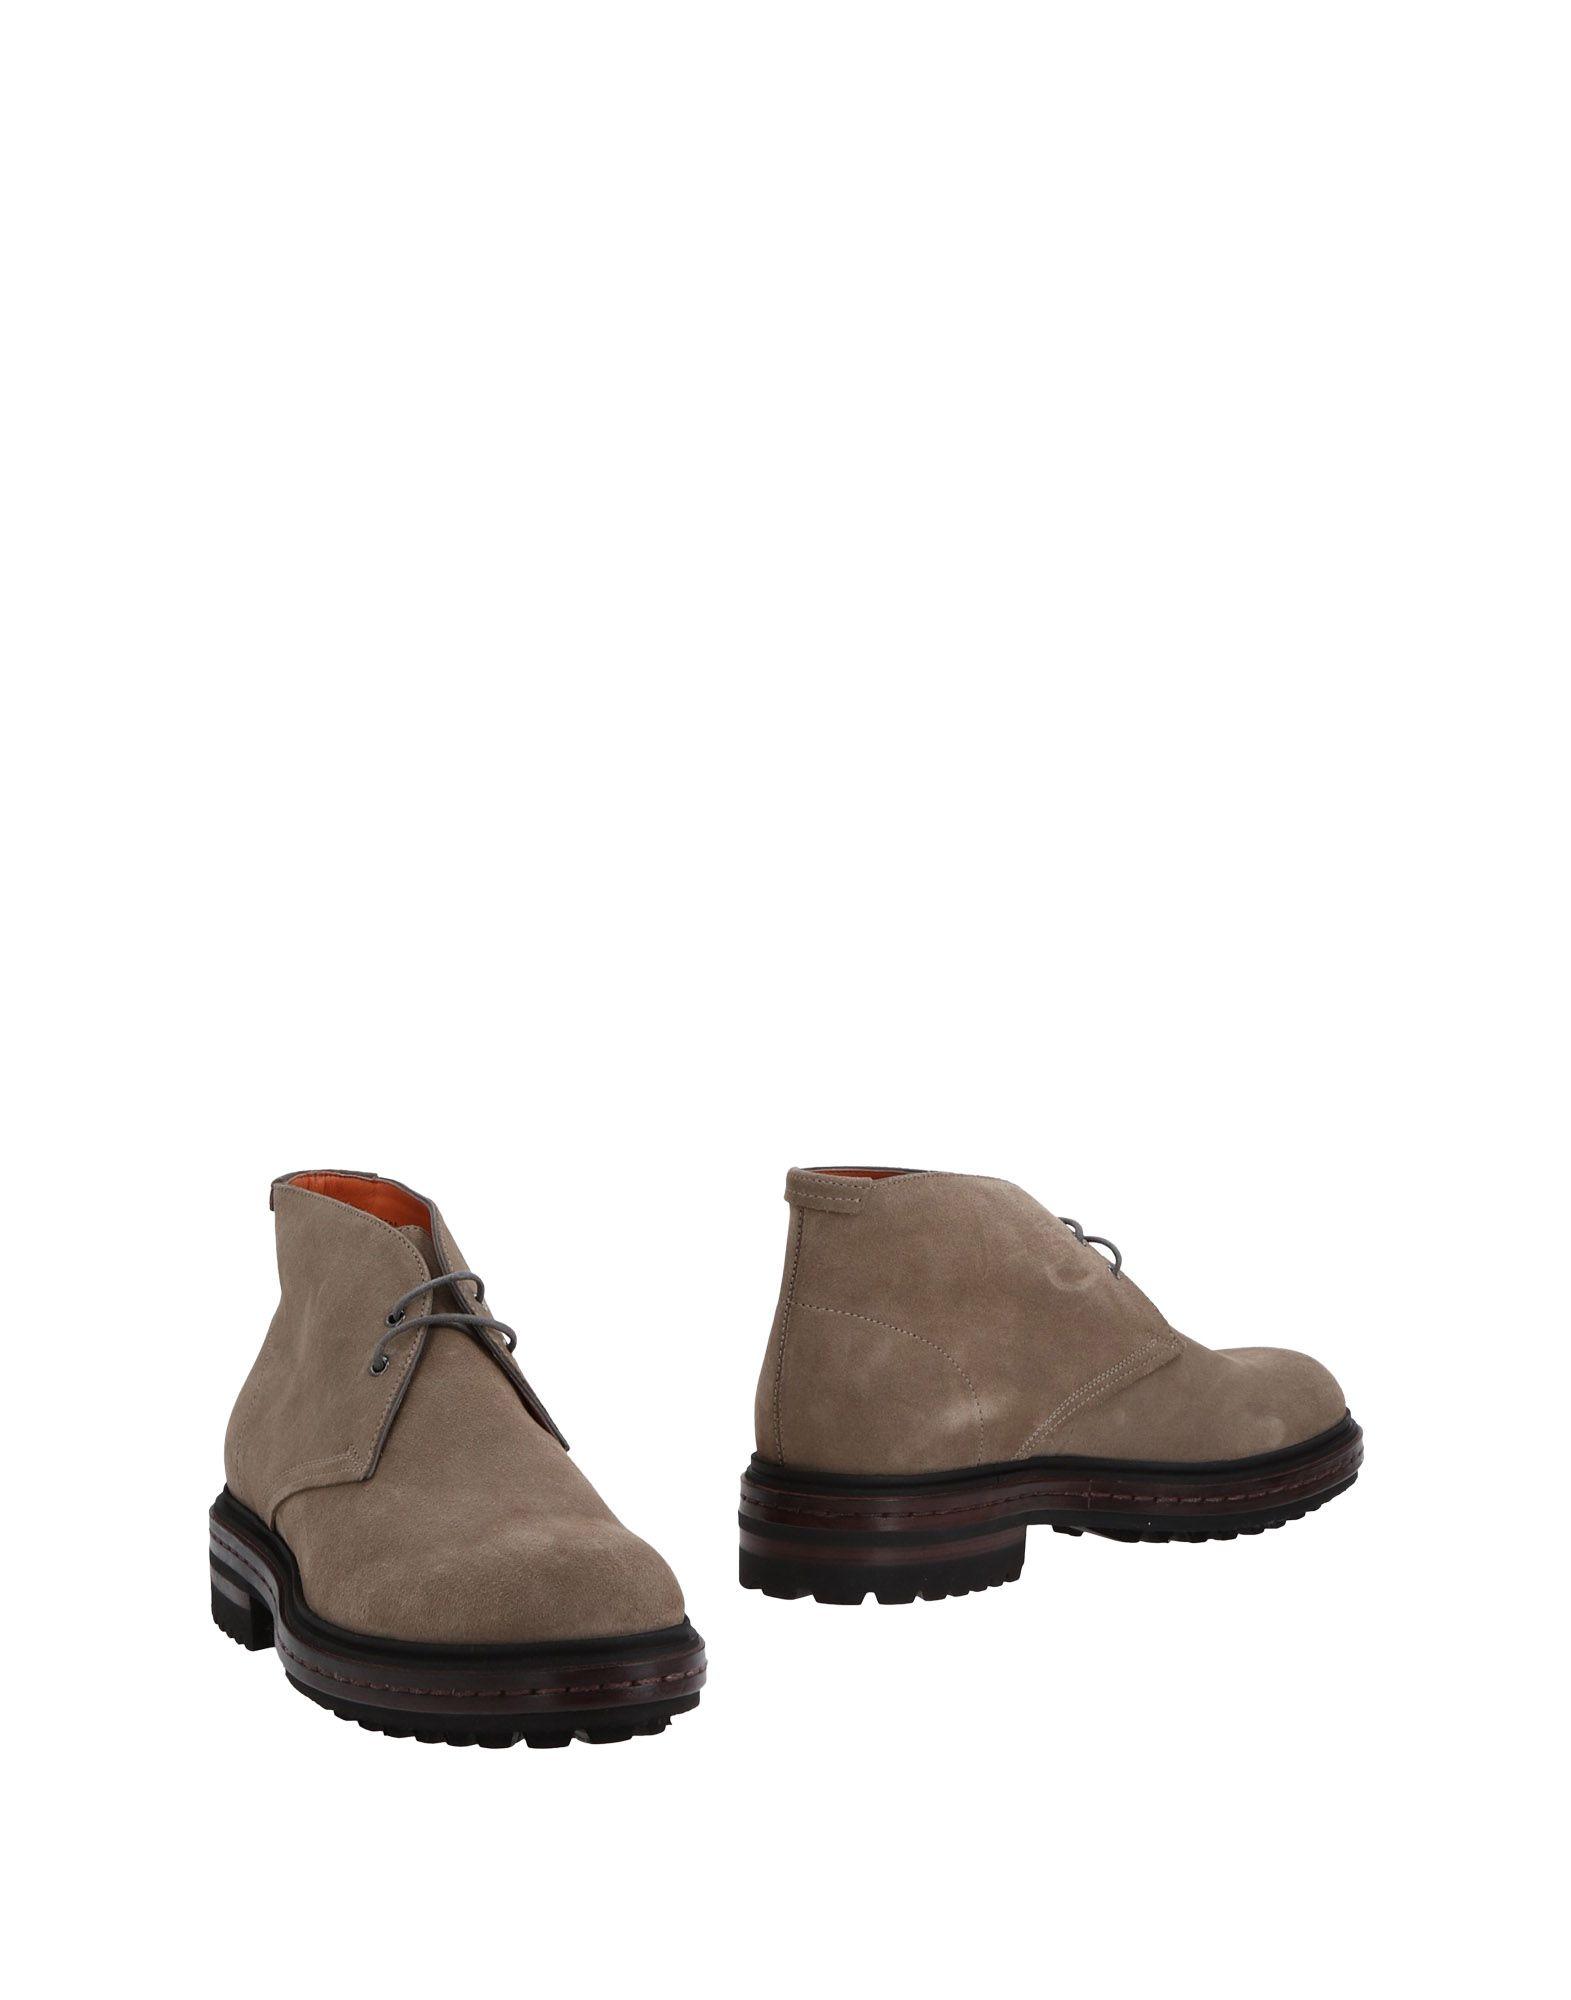 Santoni Stiefelette Herren  11482177WL Gute Qualität beliebte Schuhe